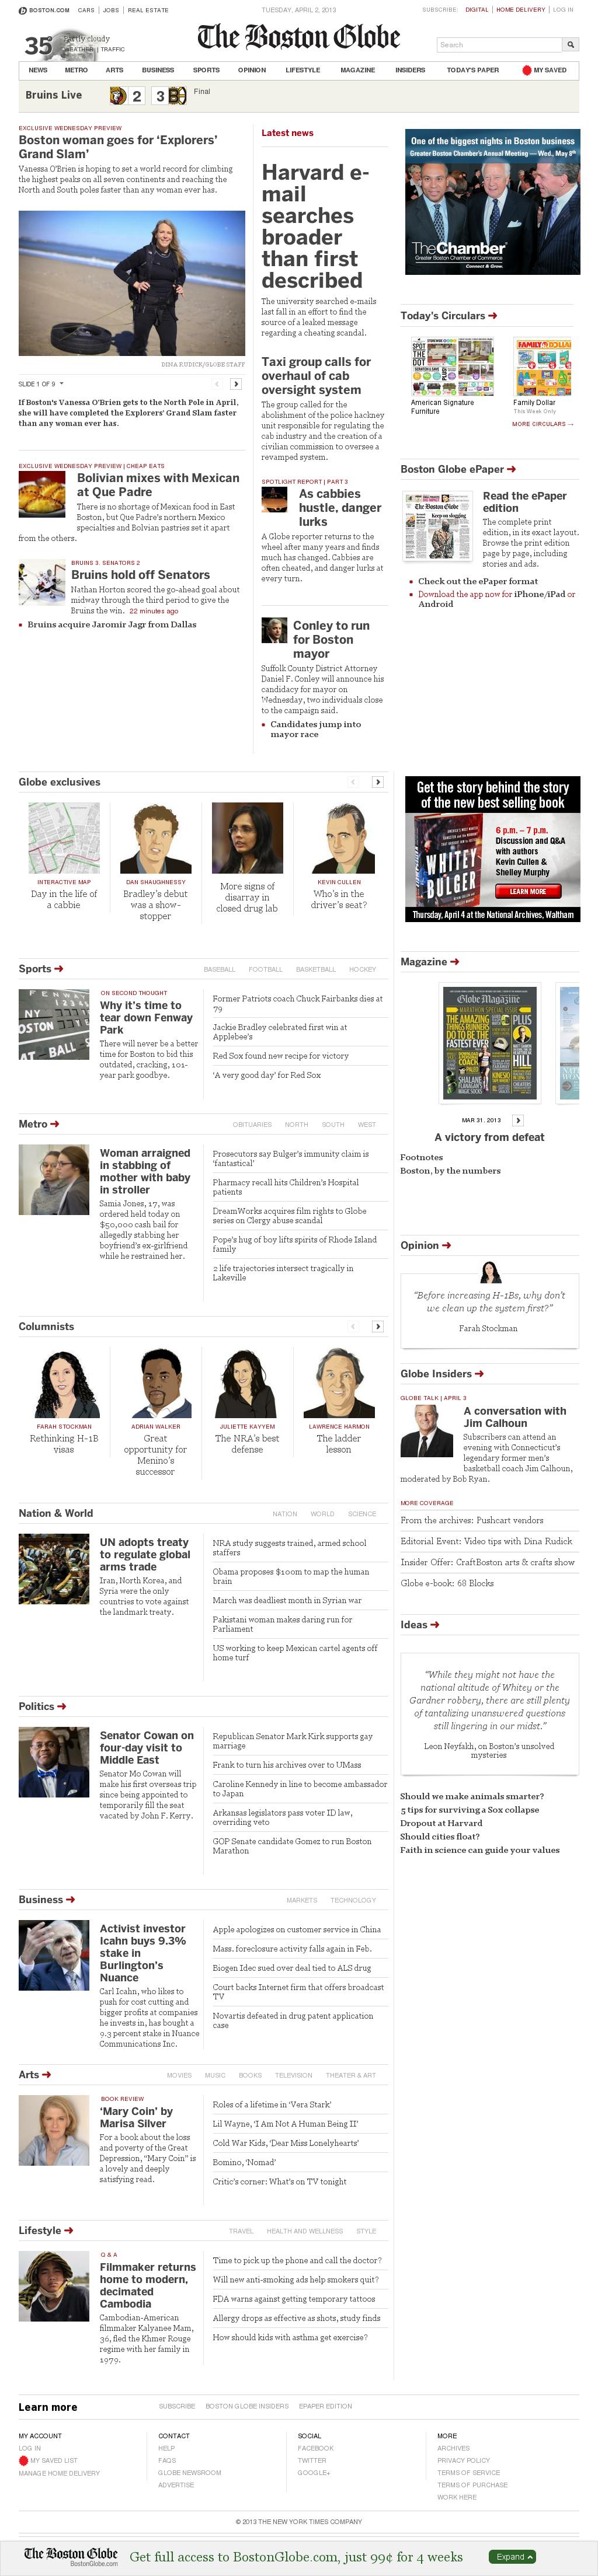 The Boston Globe at Wednesday April 3, 2013, 2:02 a.m. UTC